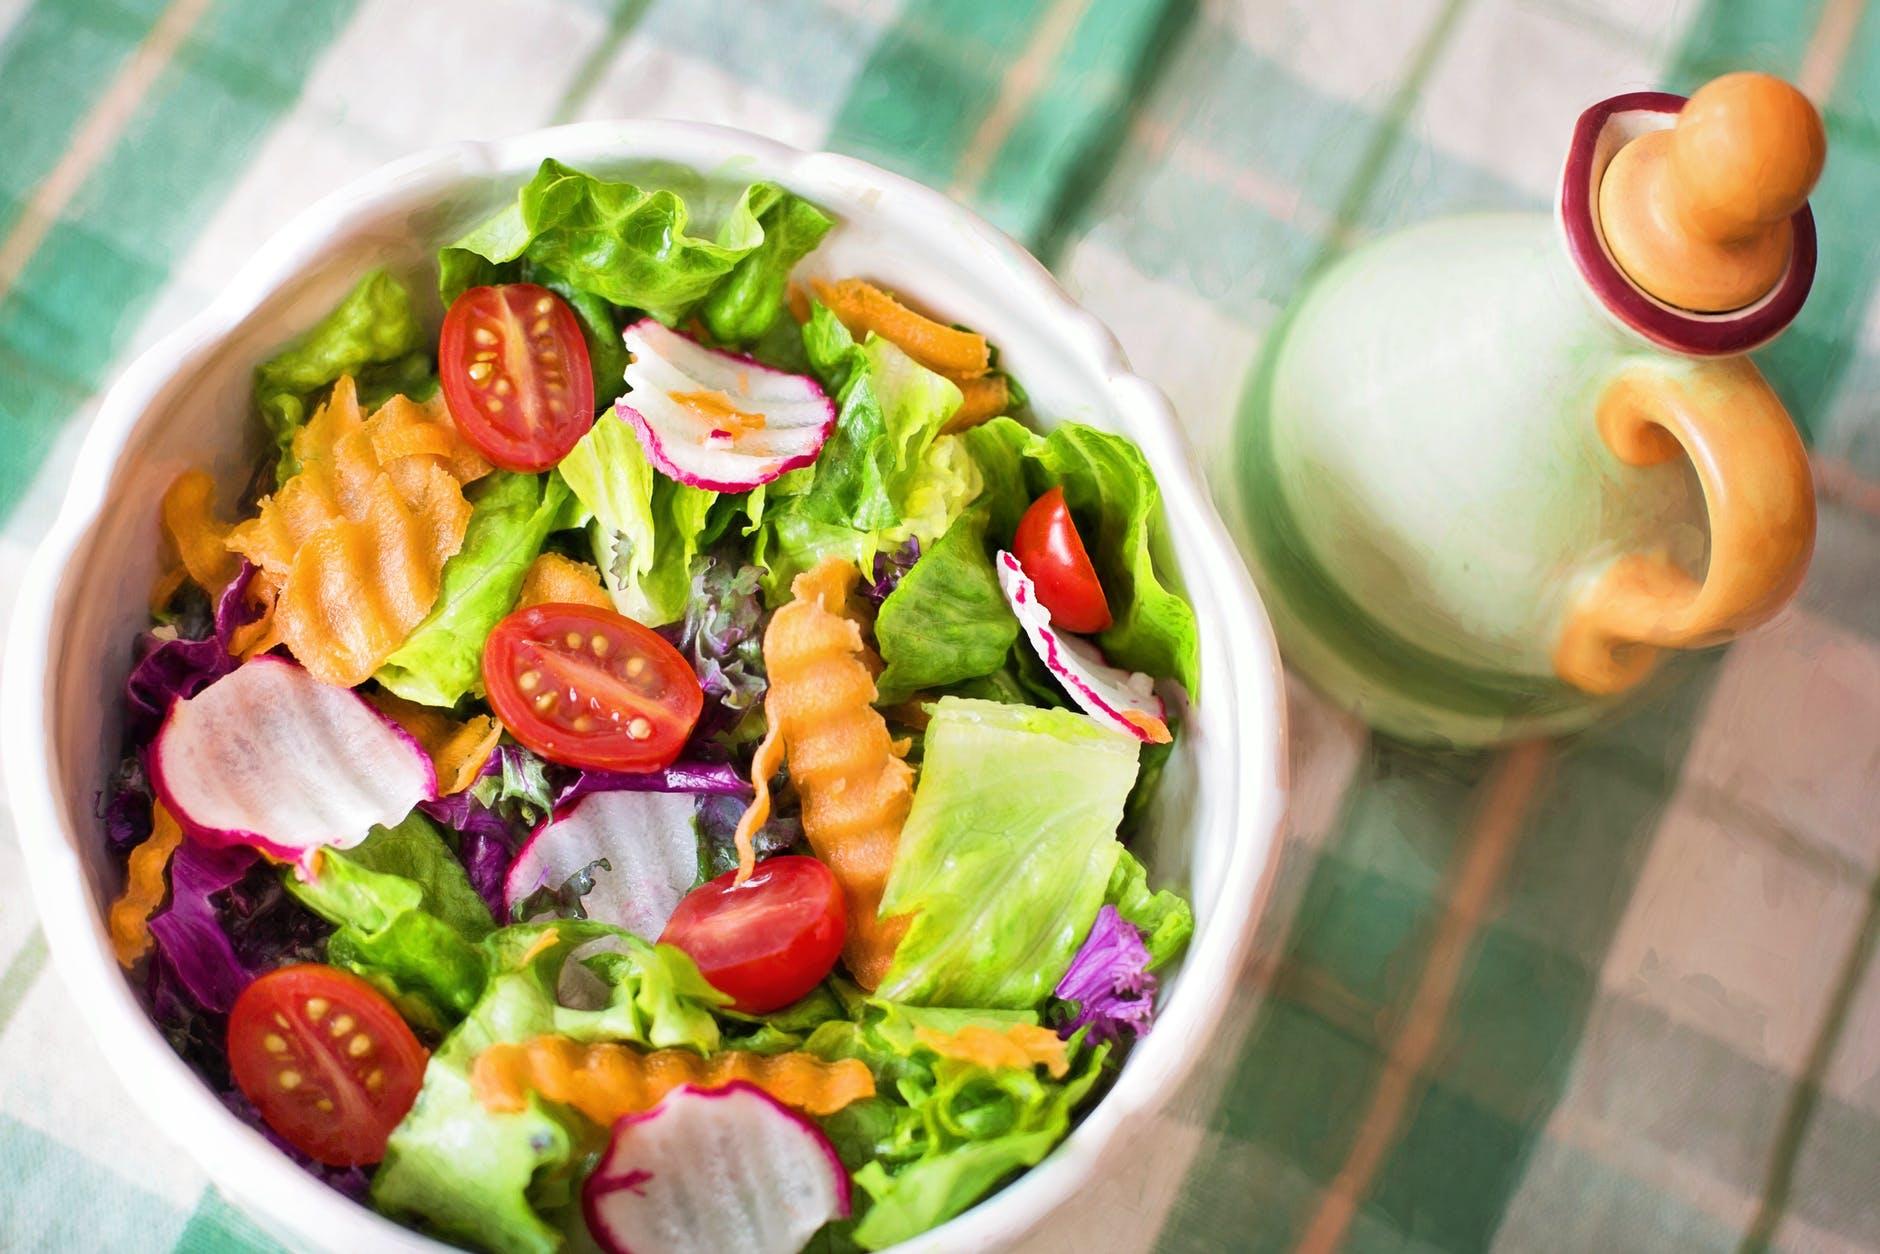 Gastroenterolog: Vegetarienii trăiesc mai puțin! Nu putem lua proteinele doar din vegetale